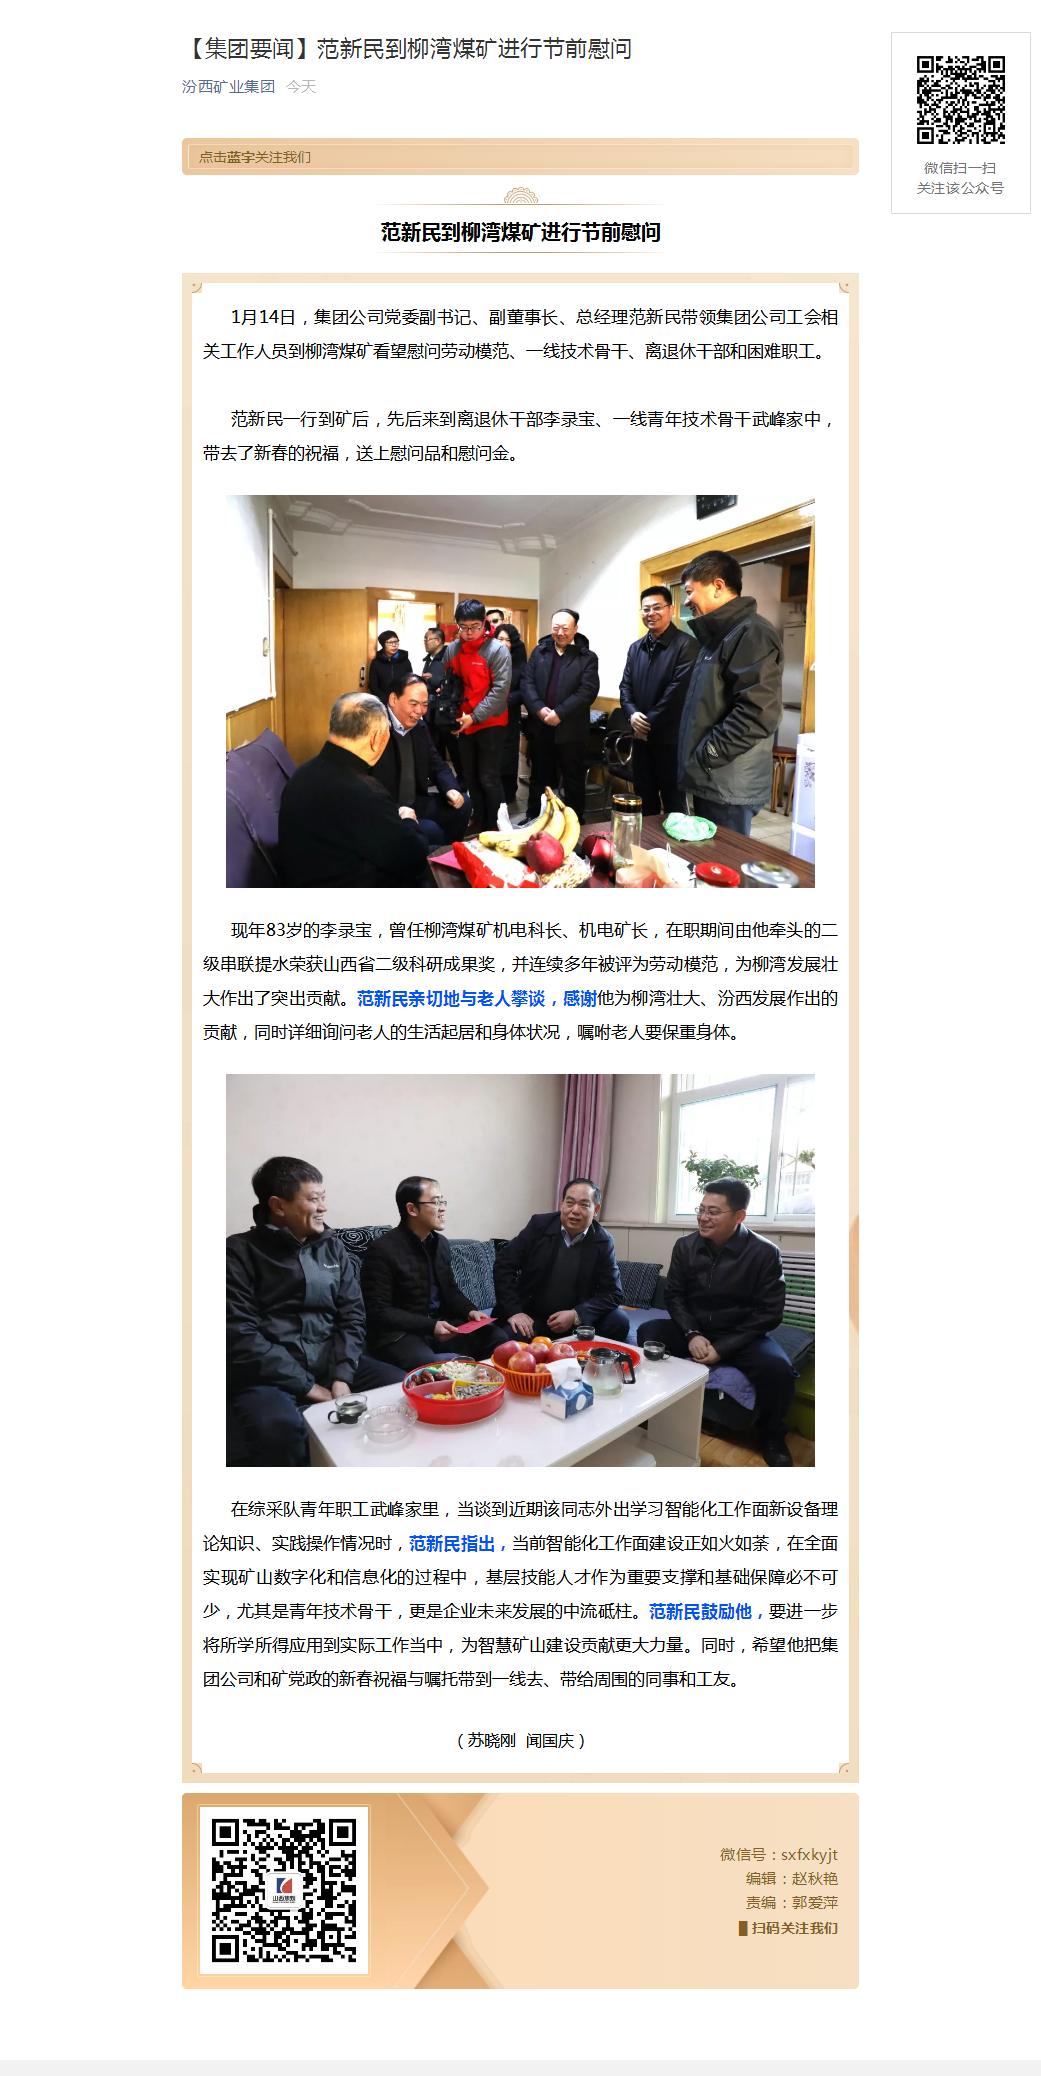 范新民到柳湾煤矿进行节前慰问.png